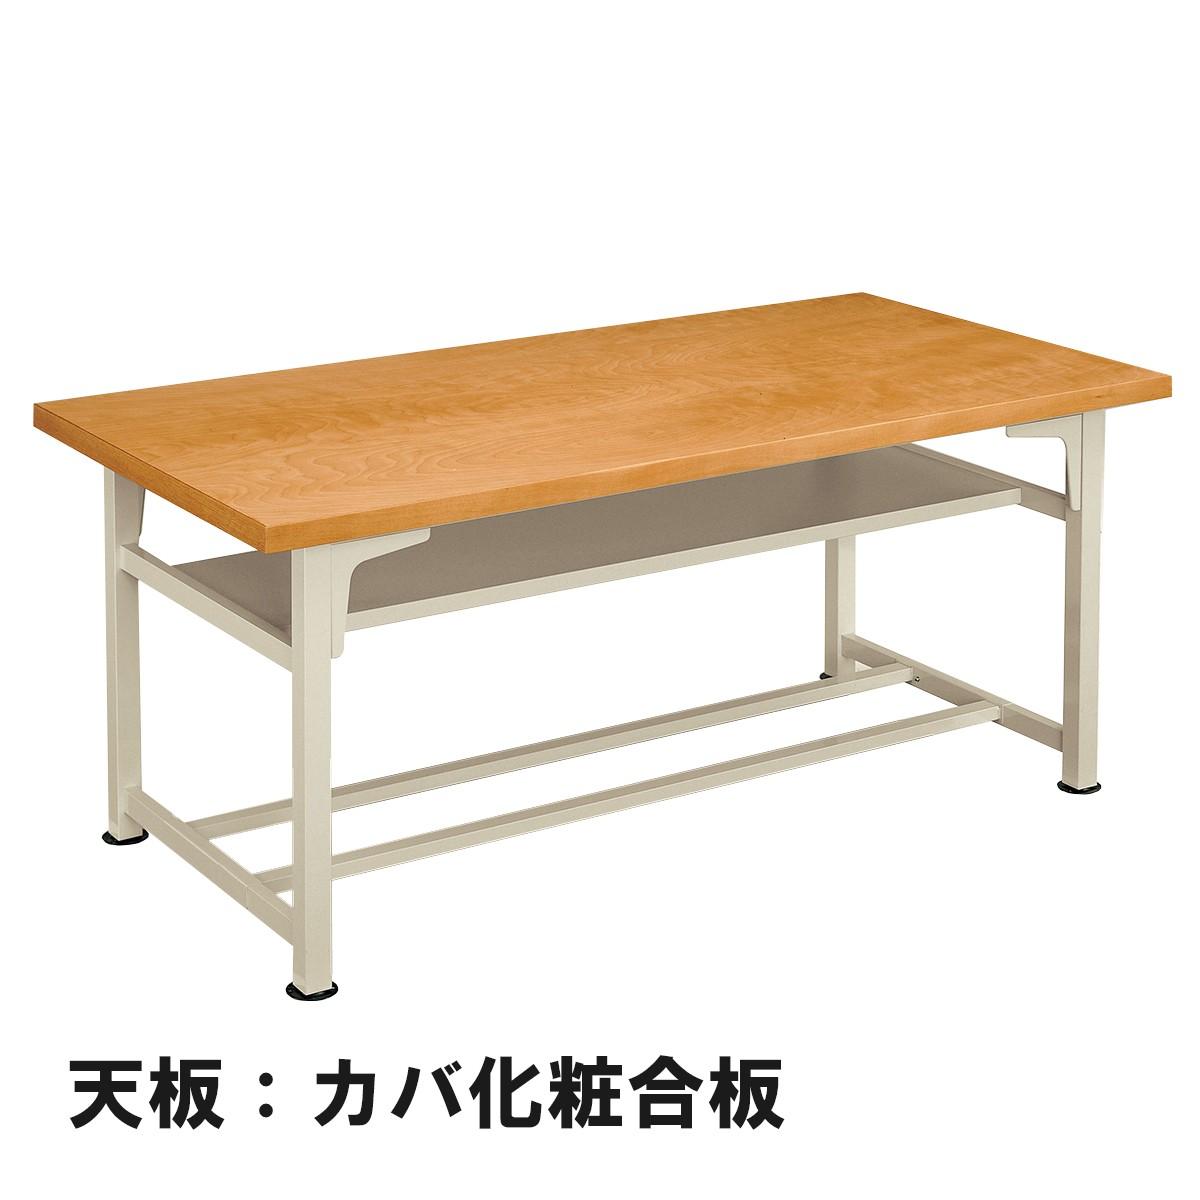 <お取り寄せ品※代引きキャンセル不可> 工作台 MT-180-K・H760 天板:カバ化粧合板 【 工作台 机 木製 図工室 美術室 】